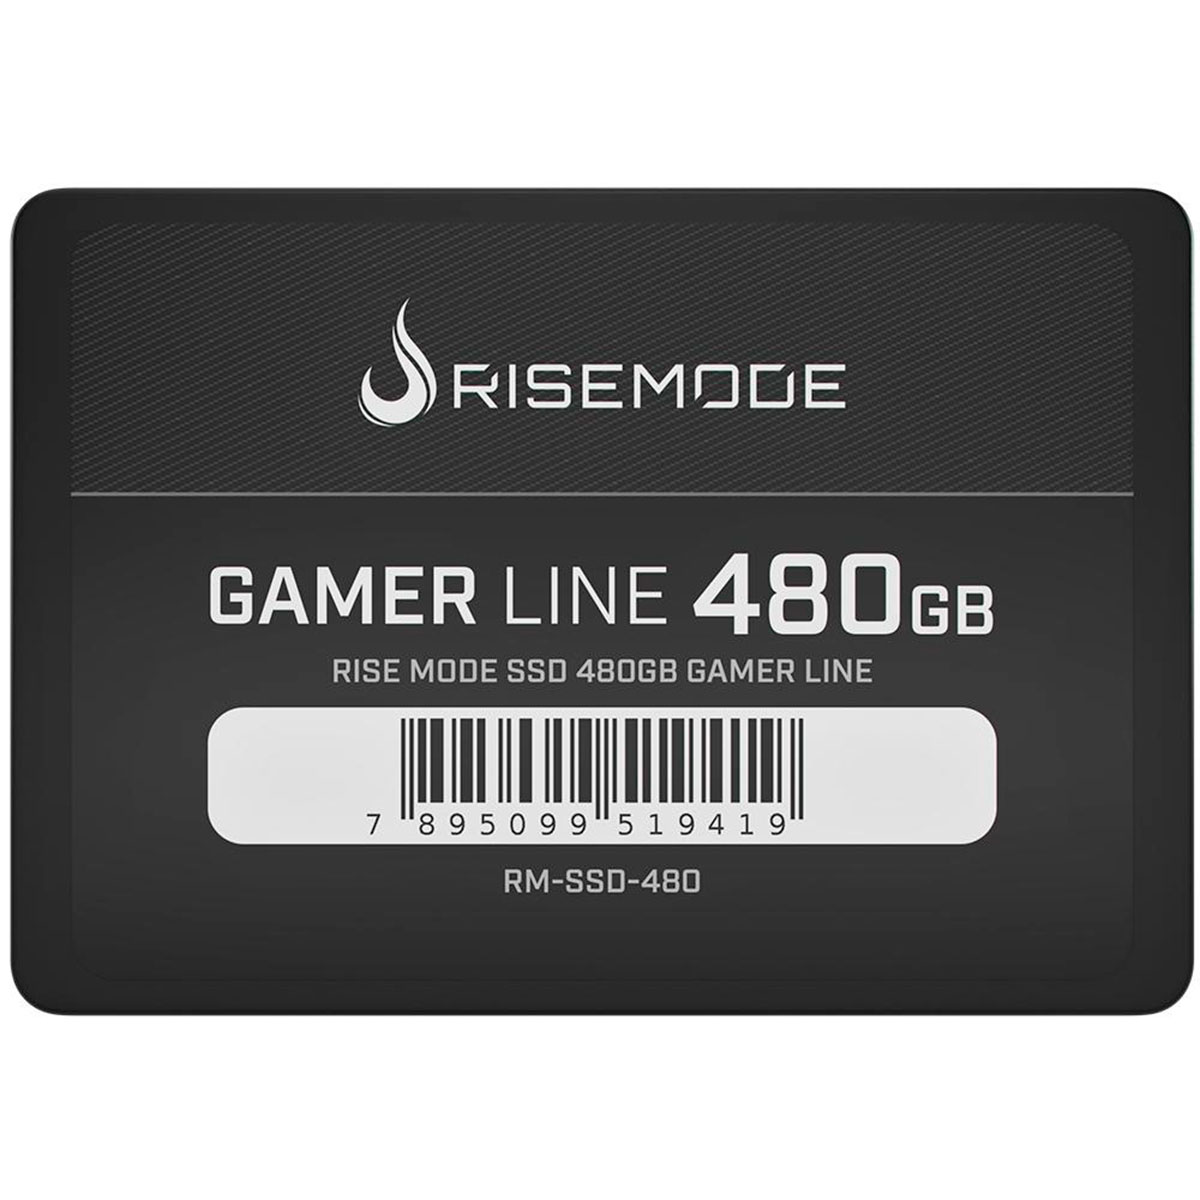 HD SSD Rise Mode Gamer Line 480GB Leitura 535MB/s Gravação 435MB/s - RM-SSD-480GB